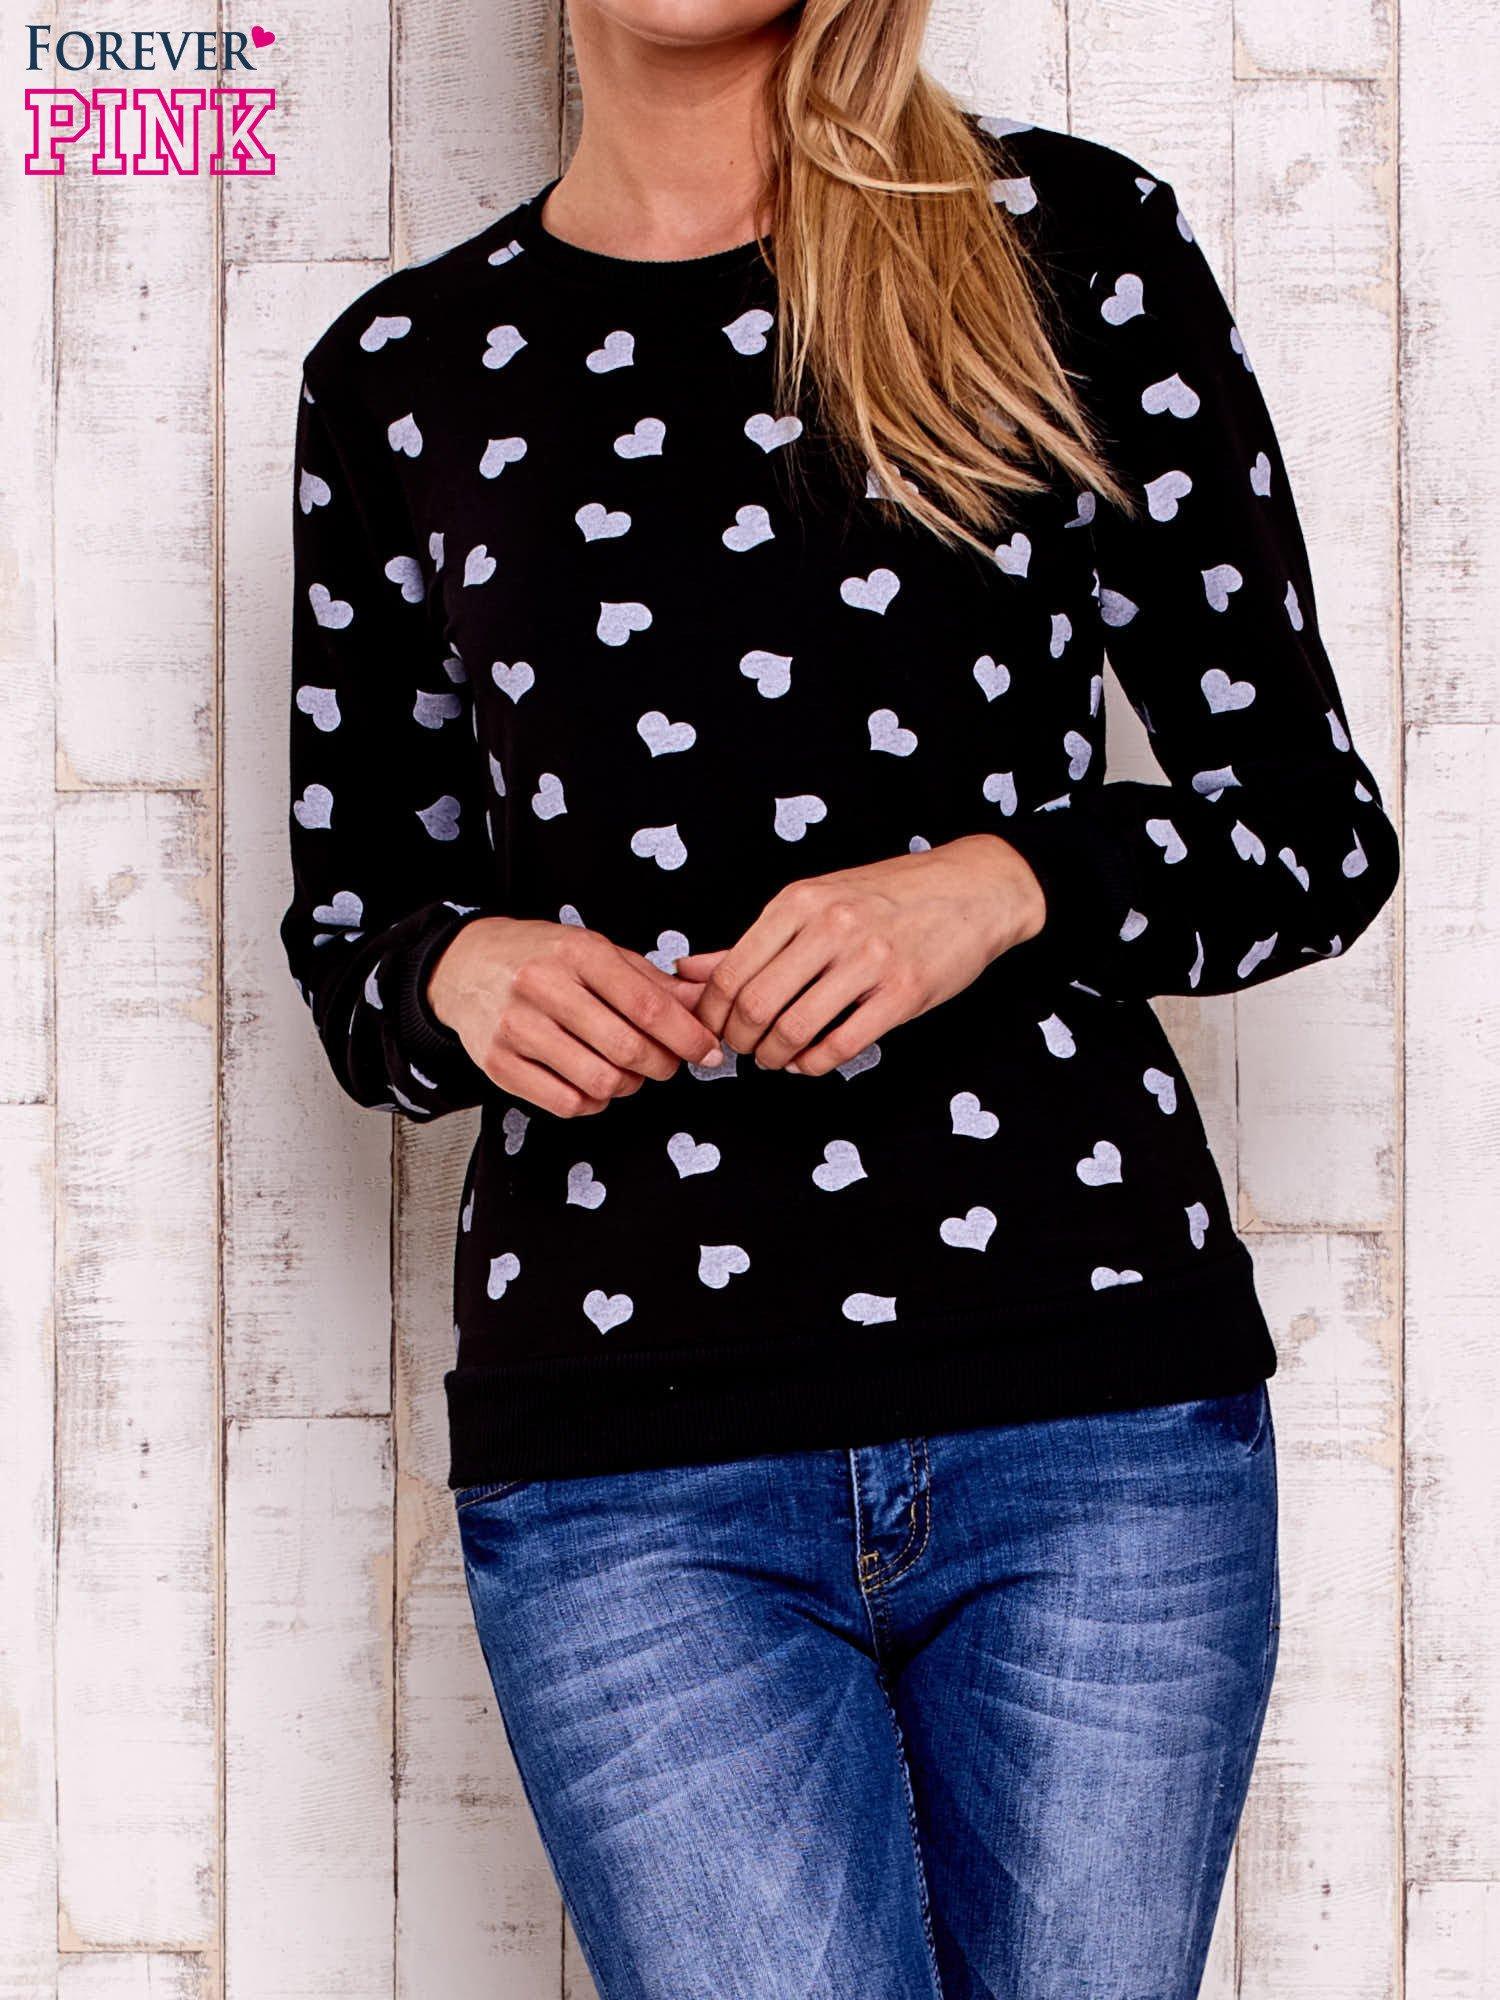 Czarna bluza z nadrukiem serduszek                                  zdj.                                  1